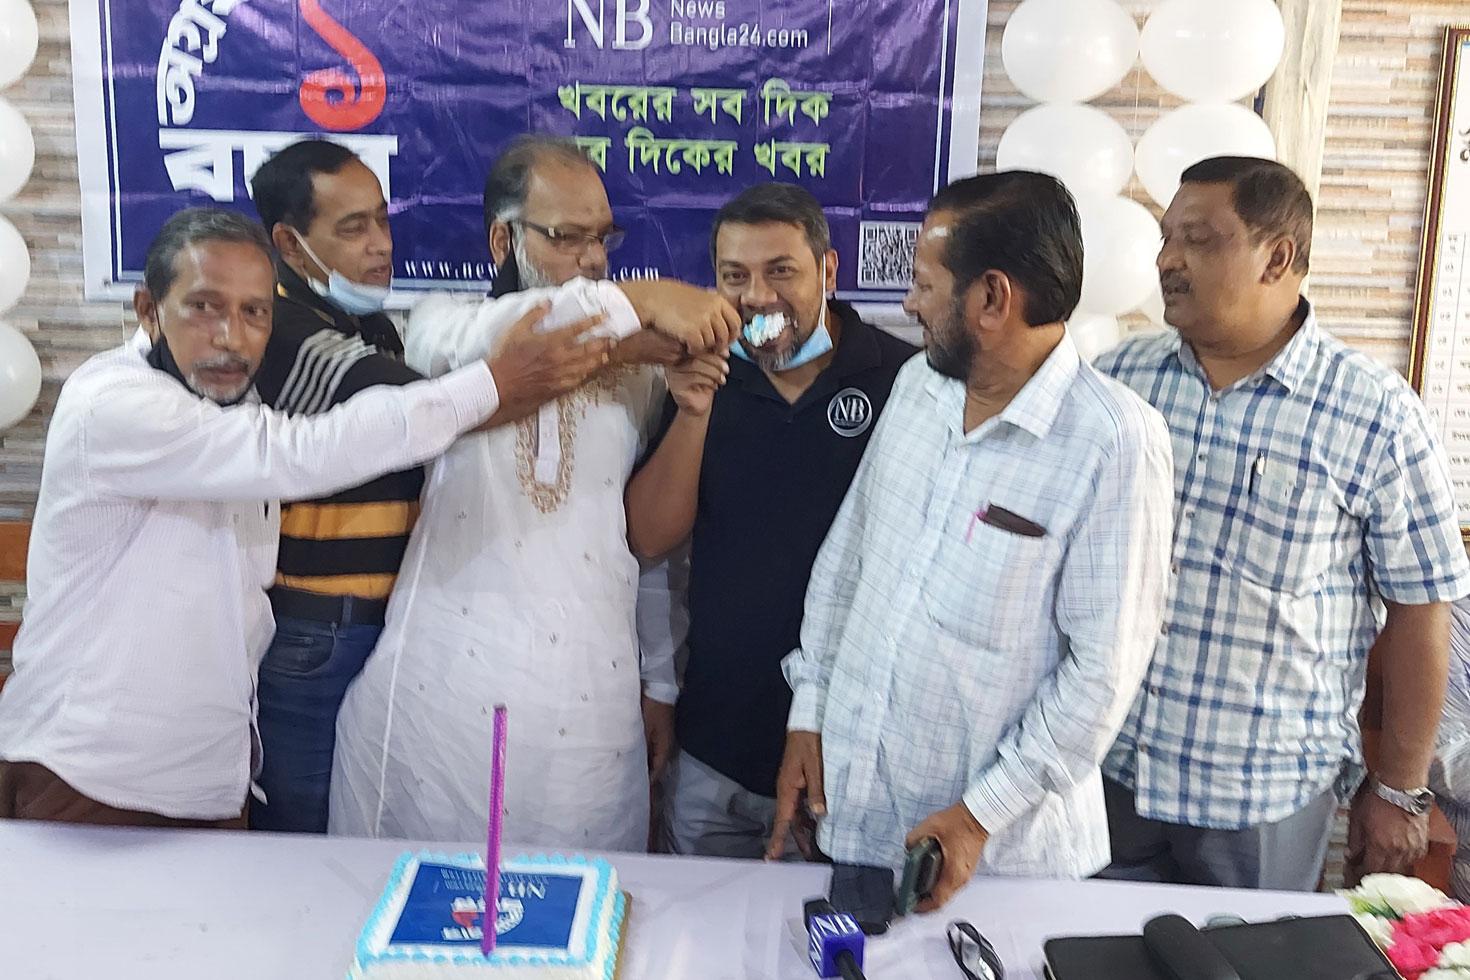 'সাংবাদিকতার অবক্ষয় রোধ করবে নিউজবাংলা'